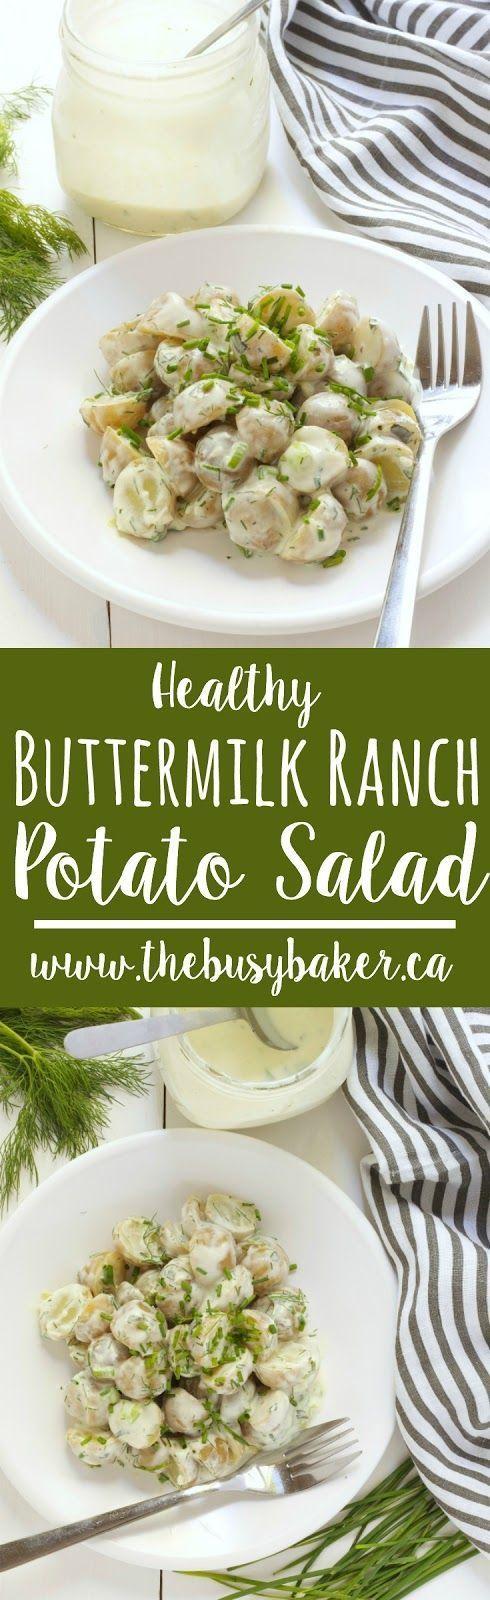 Healthy Buttermilk Ranch Potato Salad Recipe